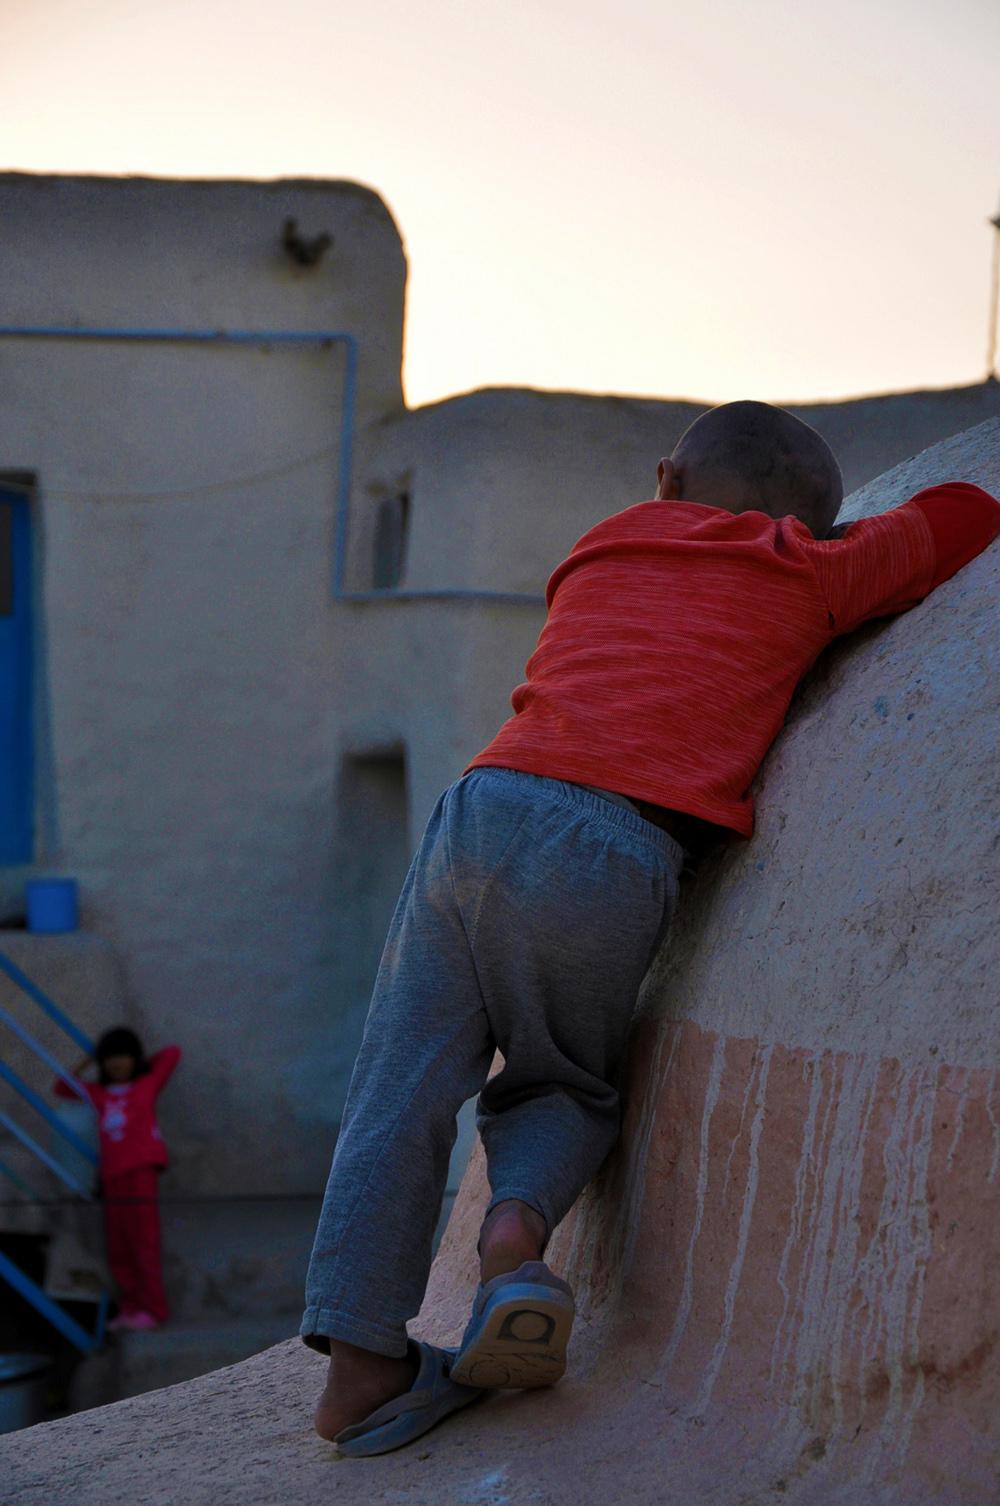 عشق کودکانه-روستای زینل بیجار.91 - بهزاد نعمتی